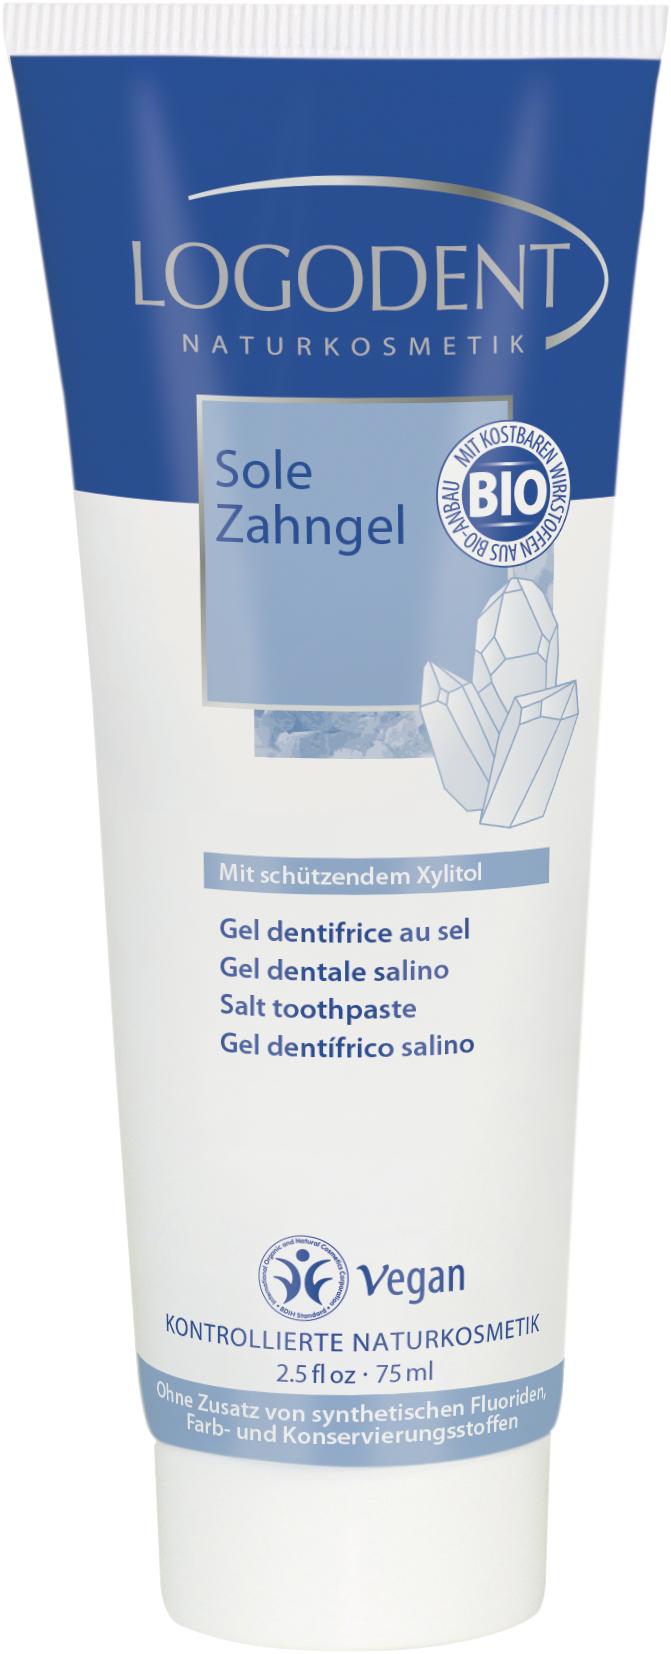 Logodent гелевая зубная паста «Солевая» 75 мл02434С ксилитом для защиты зубов. Активизирует процесс самоочистки полости рта нейтрализует вредные пищевые кислоты поддерживает естественные кислотно-щелочной баланс полости рта. (Ph баланс = 7). Ежедневное использование защищает зубы от кариеса и формирования зубного камня Активные ингредиенты, как морская соль и экстракт органической ромашки и гвоздики дезинфицируют, снимают воспаление, оказывают бактерицидное действие, Без фторидов, синтетических красителей и консервантов Не содержит мяты и ментола. Не ослабляет действия гомеопатических препаратов, рекомендована врачами-гомеопатами